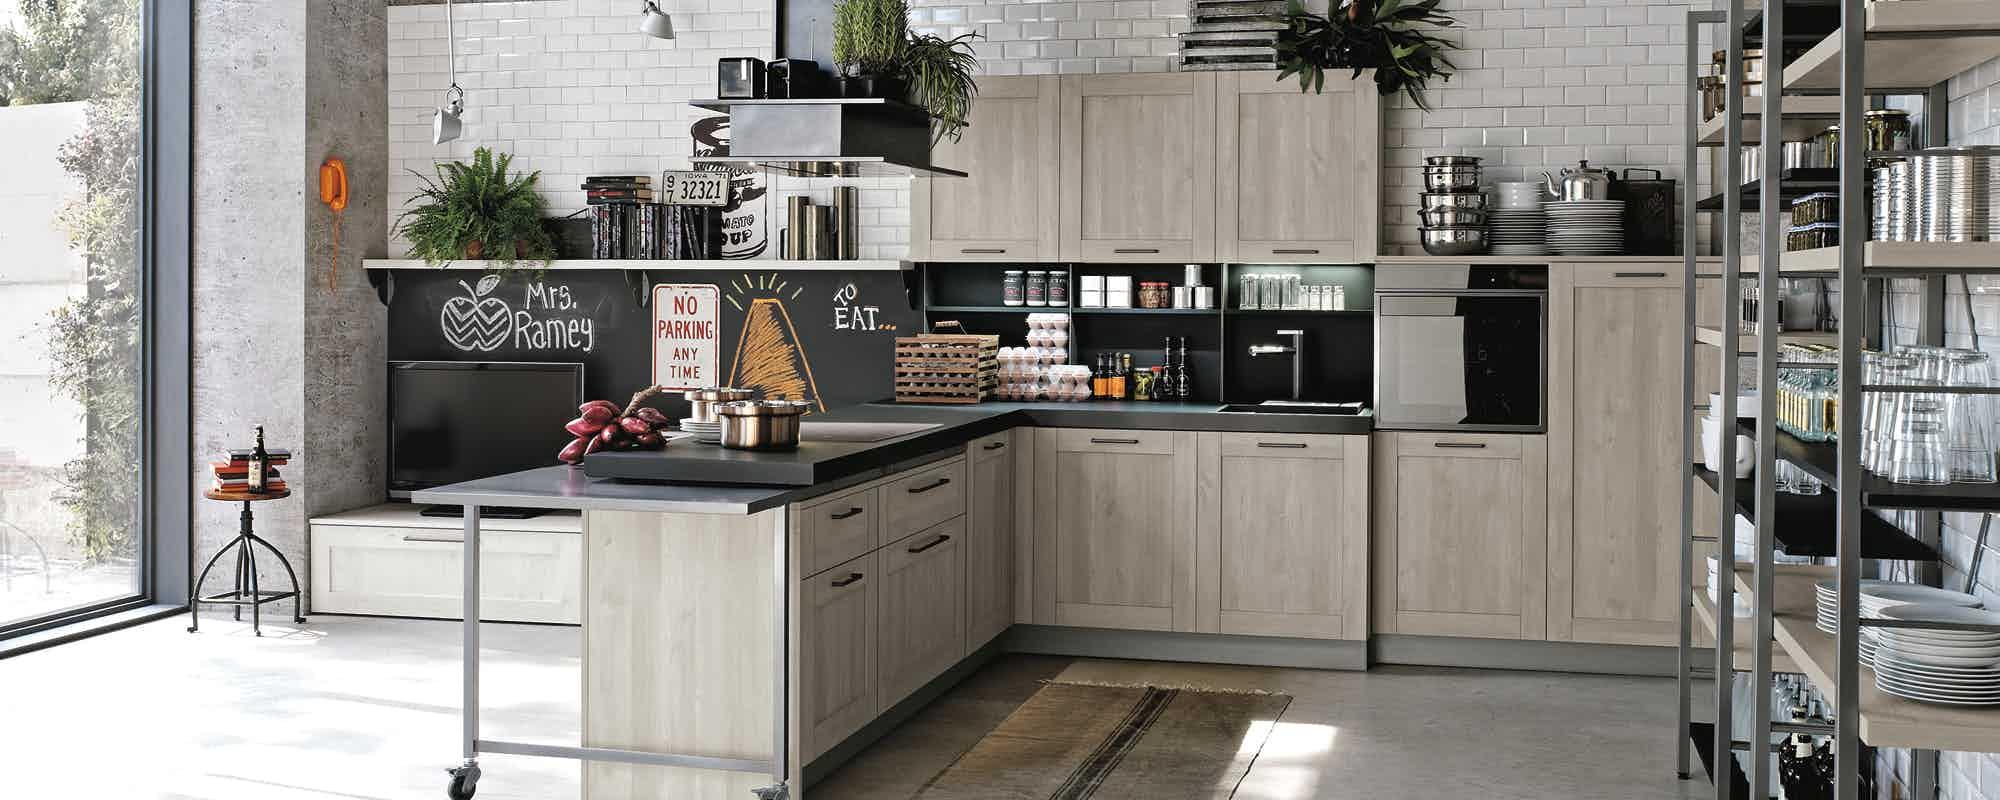 GR2 Arredamenti - Progettazione cucine su misura - Colle di Val d ...